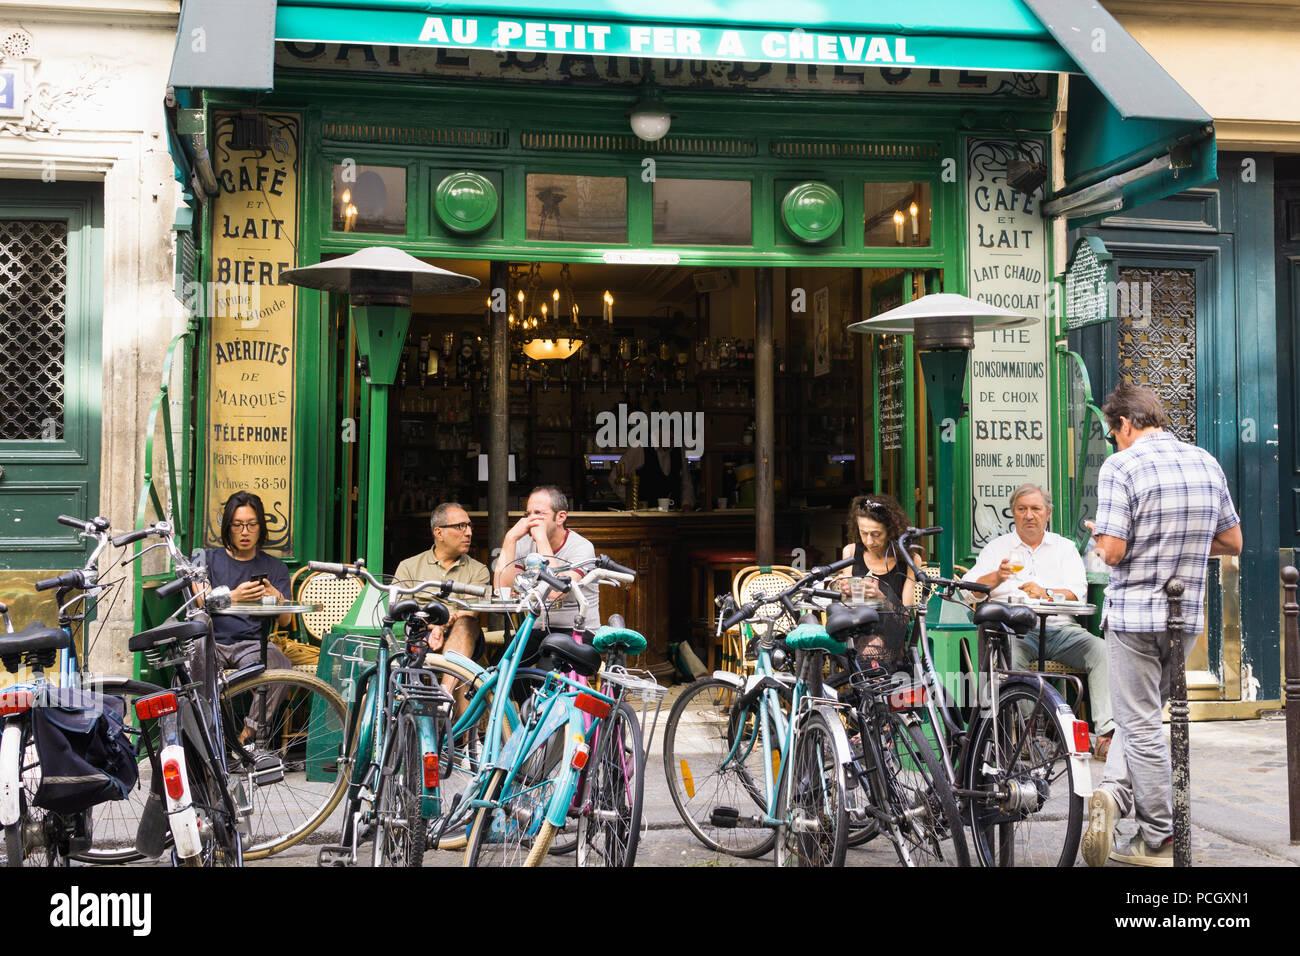 ef961950090 Clientes disfrutar del café de la mañana en el cafe au Petit Fer A Cheval  en barrio de Marais en París, Francia.